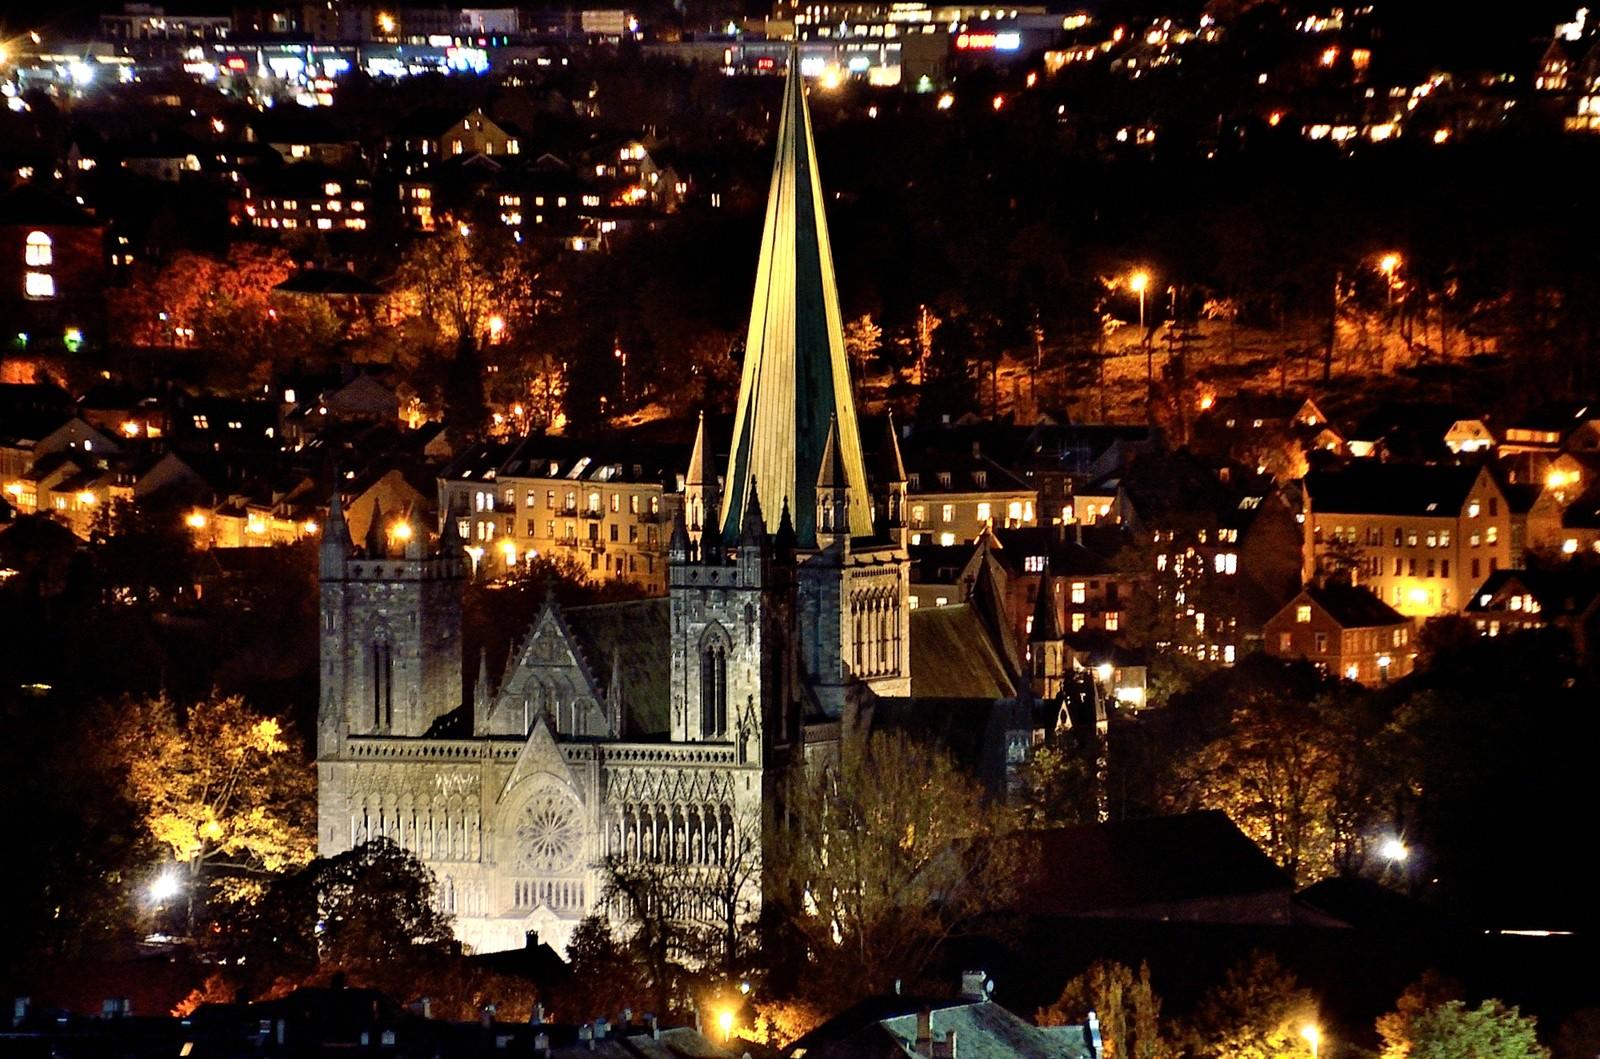 Trondheim havner på 4. plass blant de utenlandske turistene.